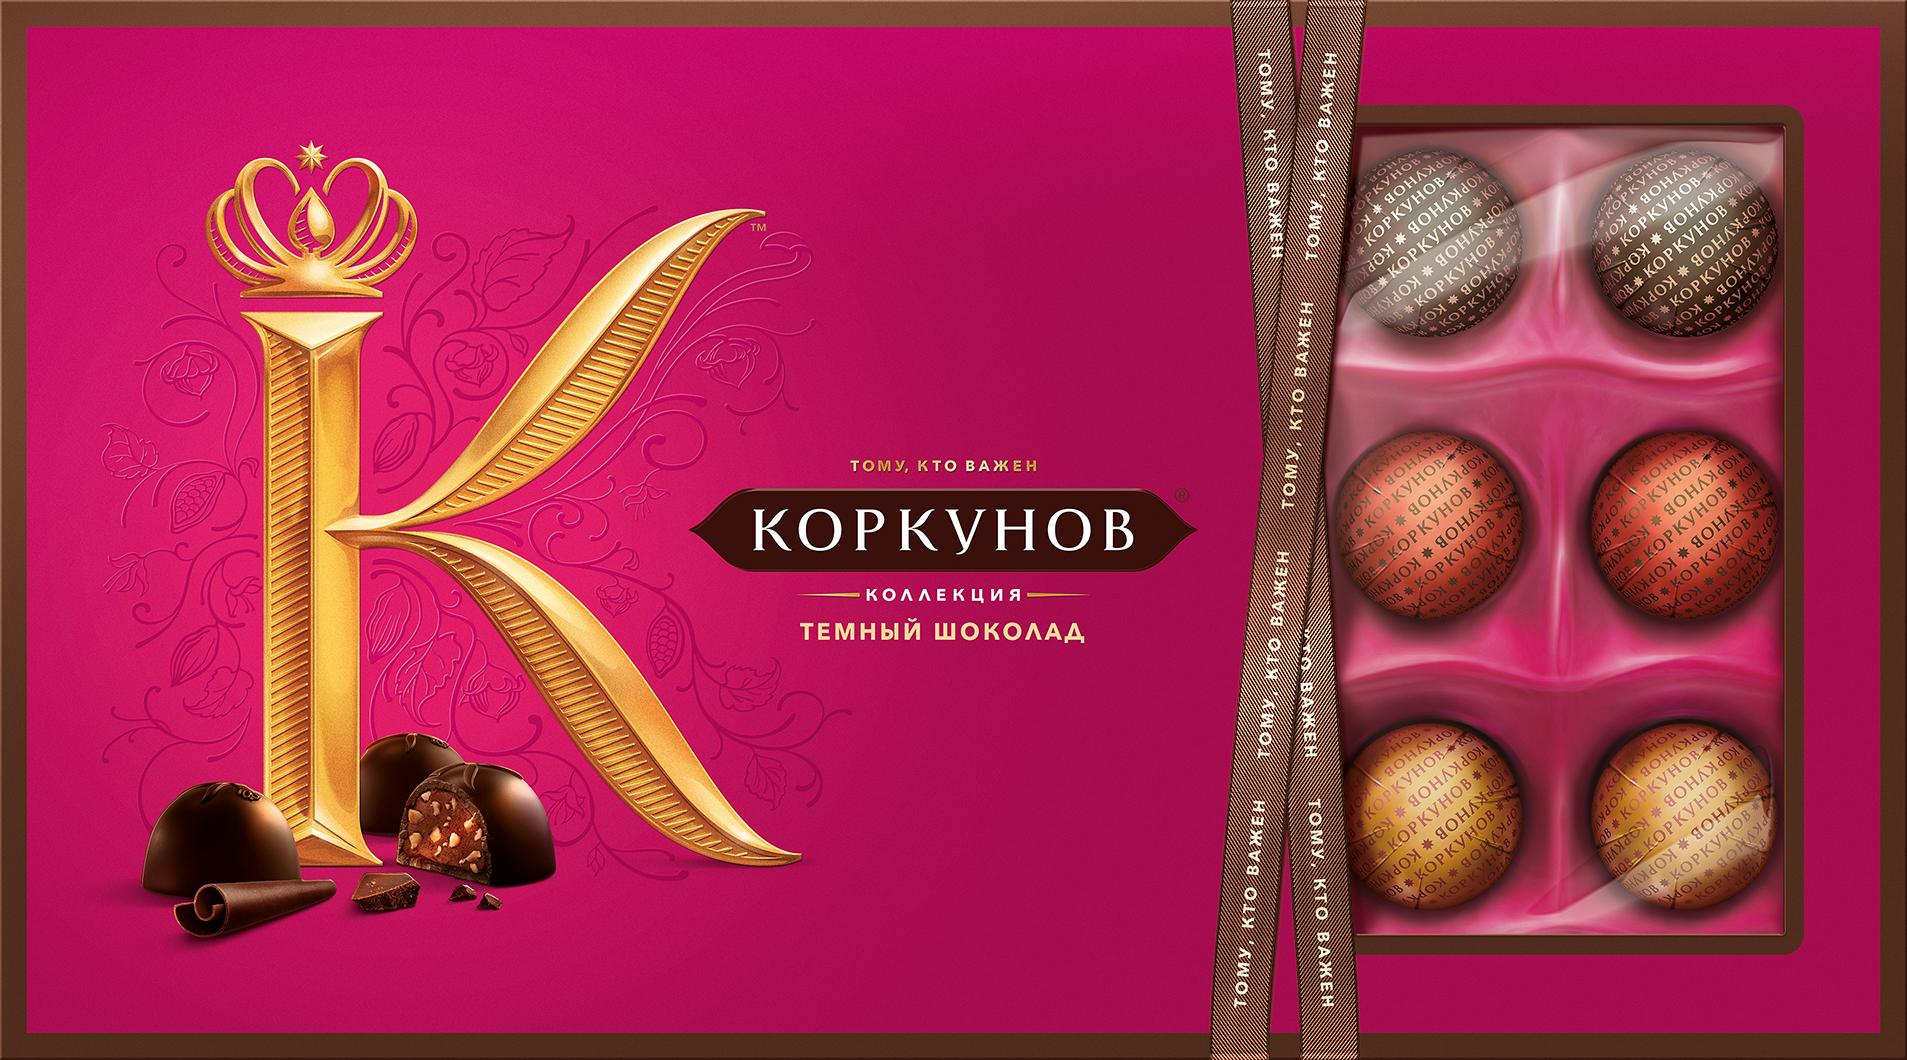 Набор конфет  А.Коркунов  темный шоколад 192гр